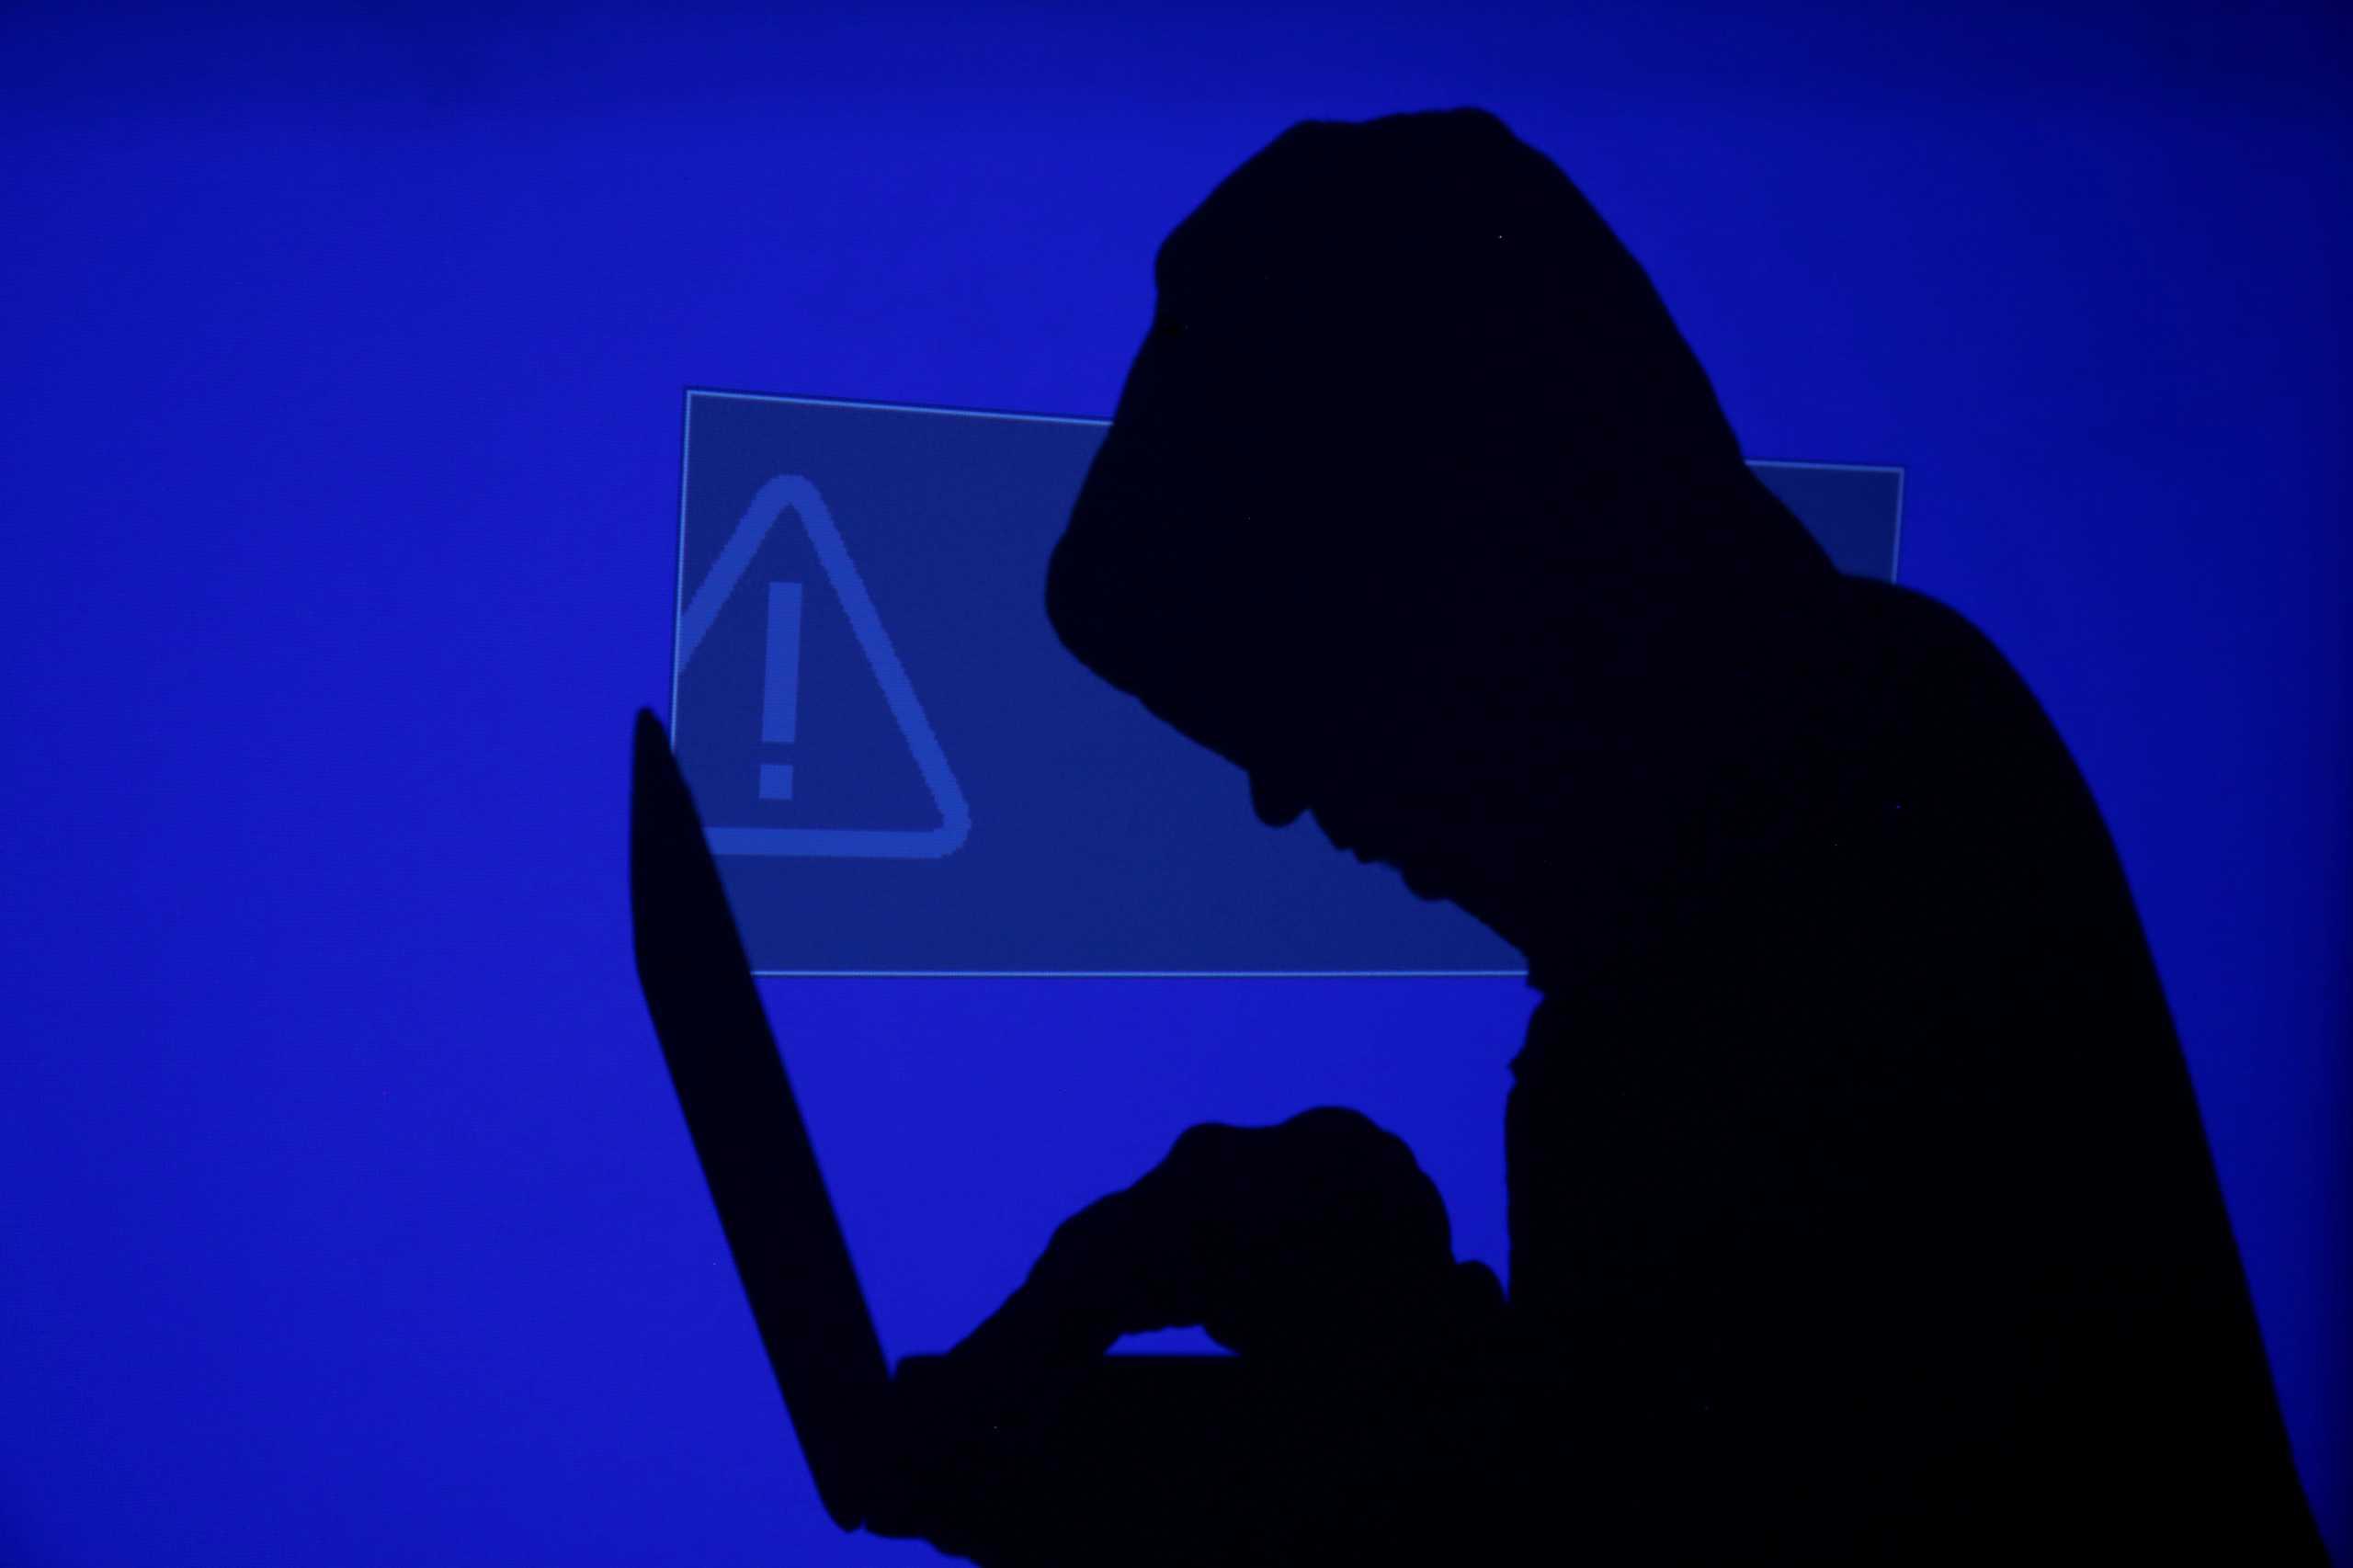 Ρώσος χάκερ καταδικάστηκε στις ΗΠΑ σε κάθειρξη 12 ετών